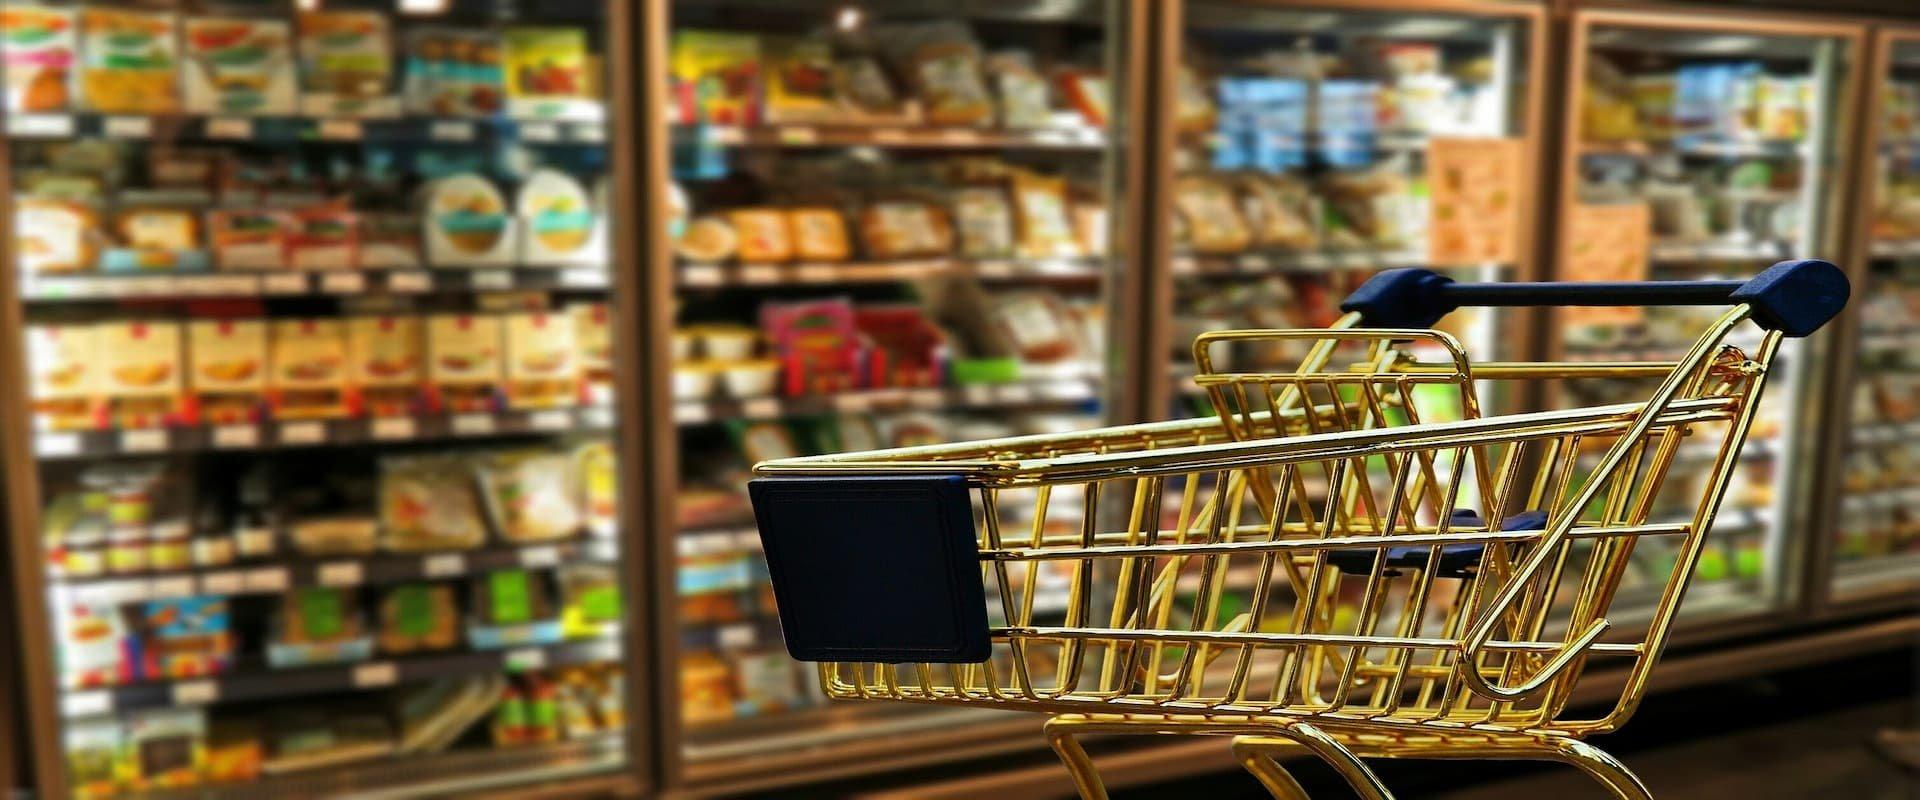 Mit COSYS Inventursoftware im Lebensmittelladen schnell und sicher die Inventur bewältigen